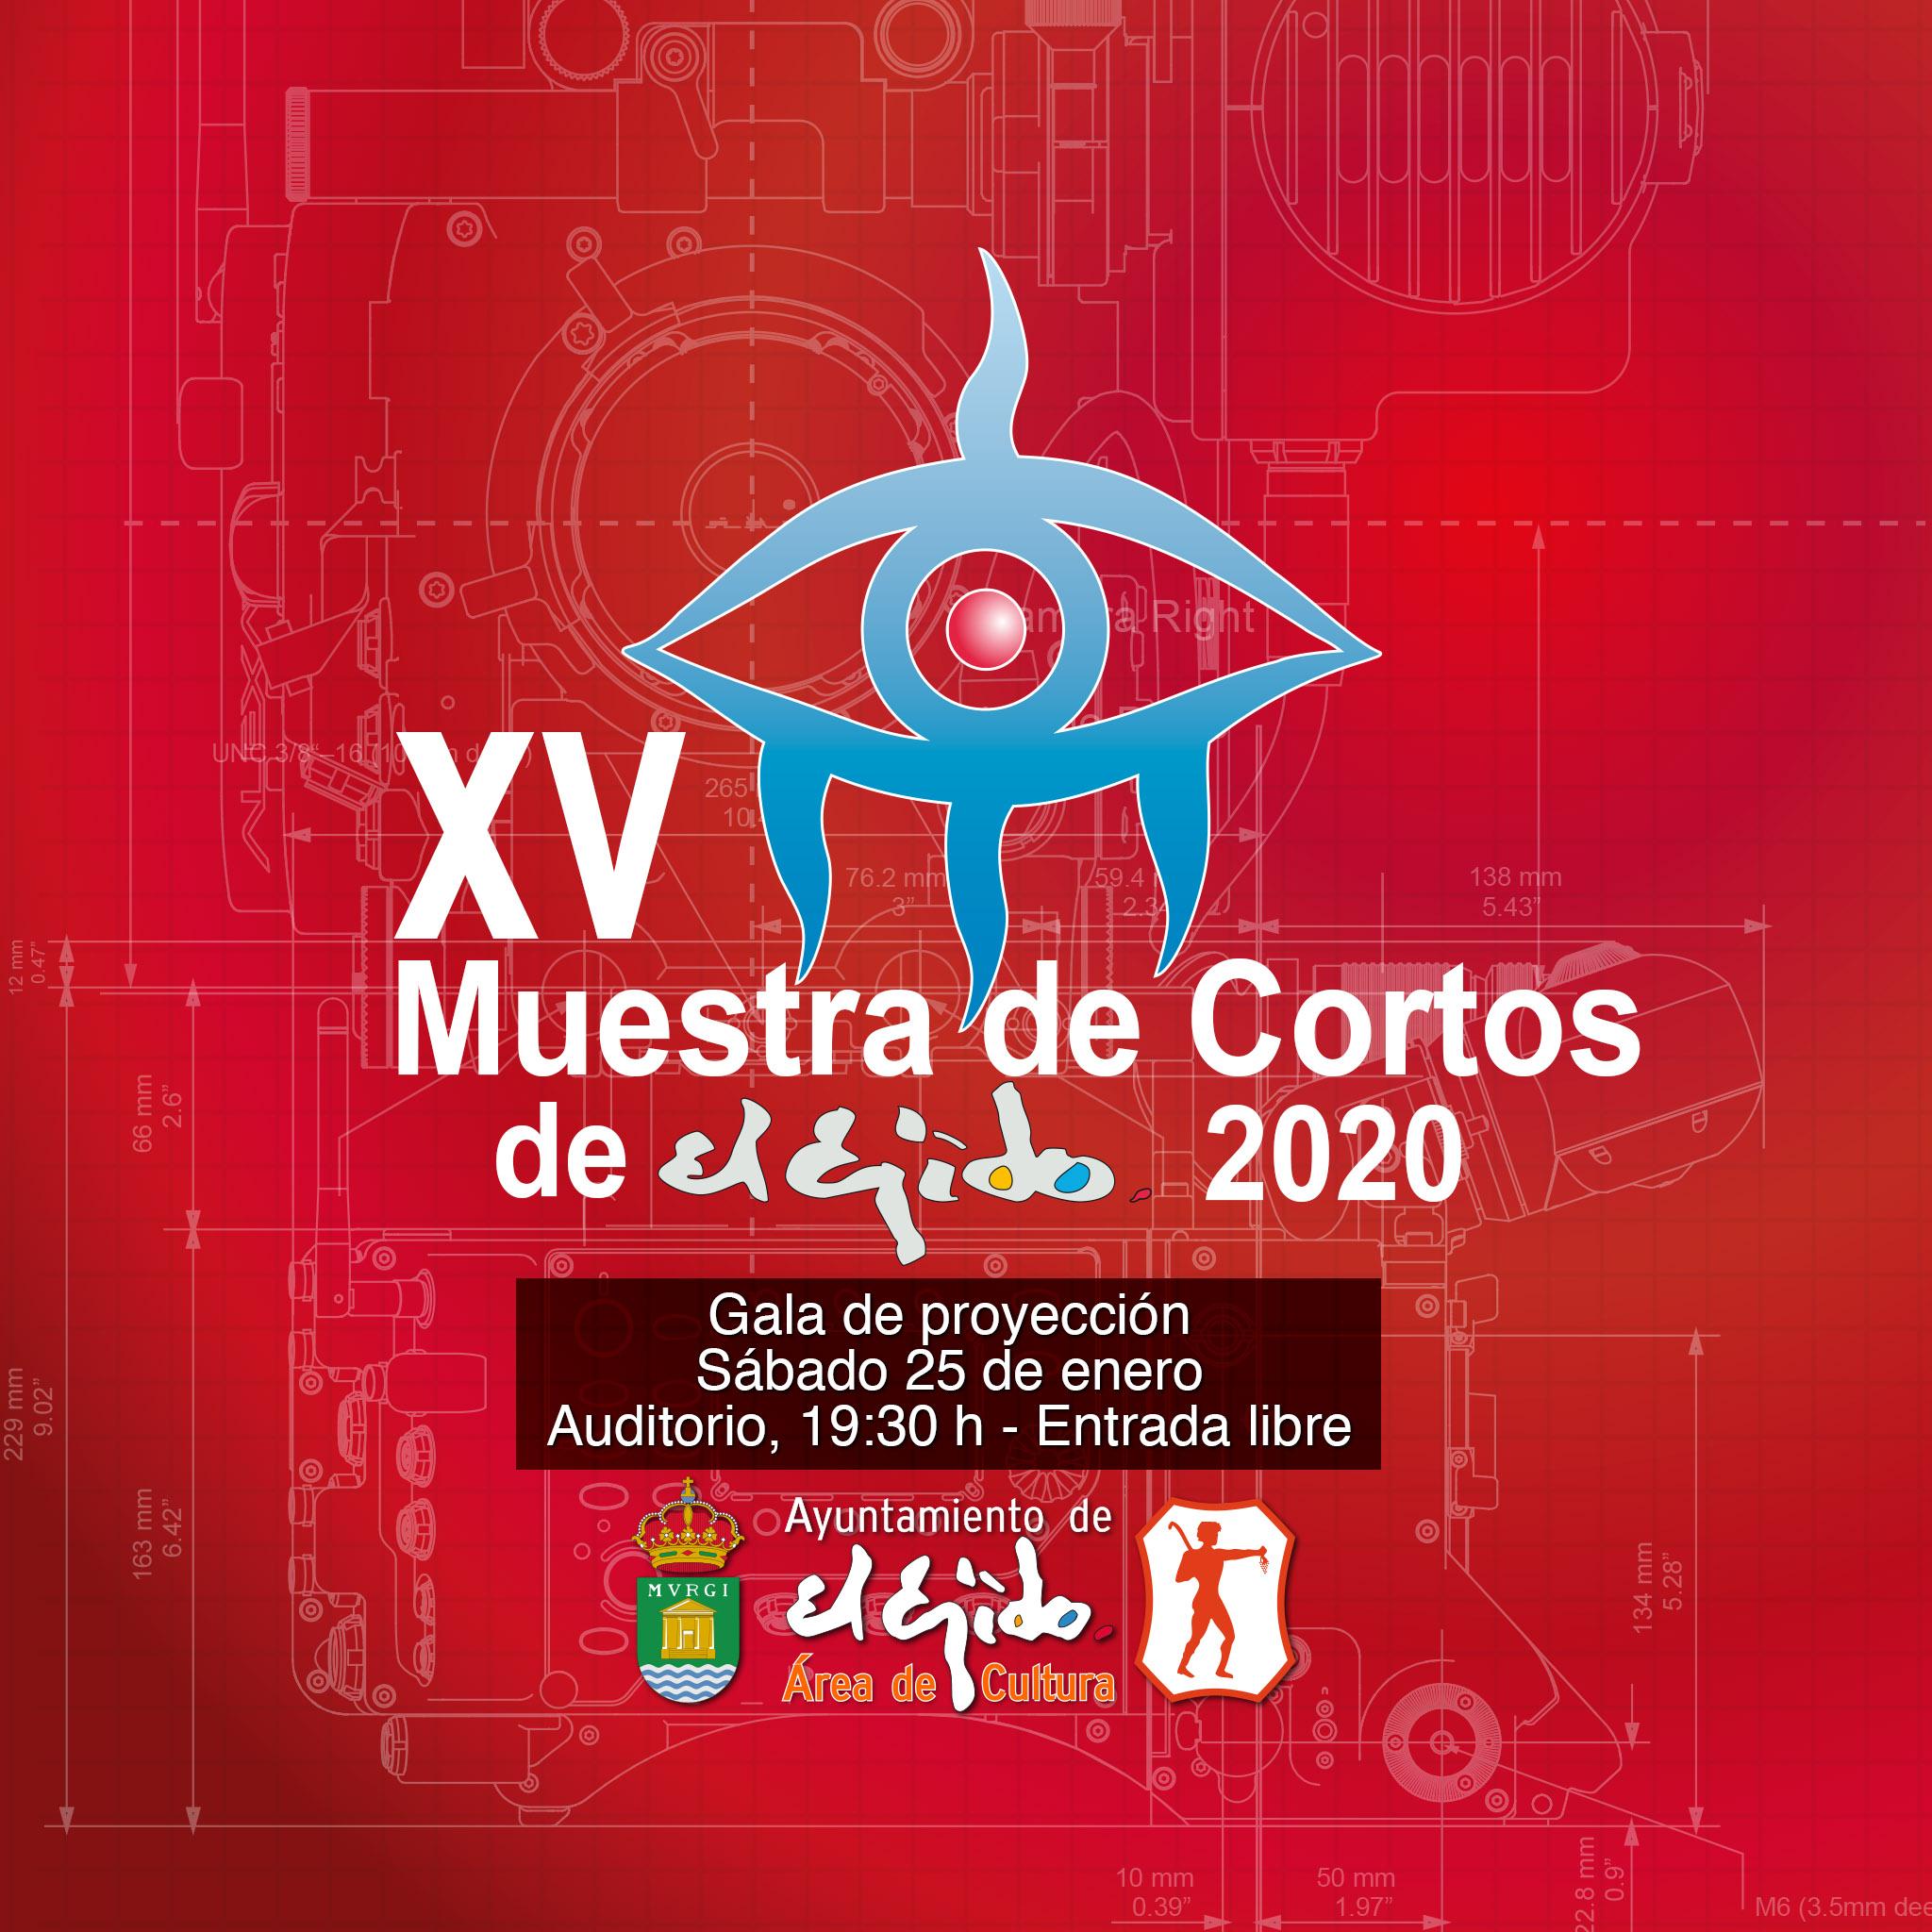 XV Muestra de Cortos de El Ejido 2020 – sábado 25 de enero